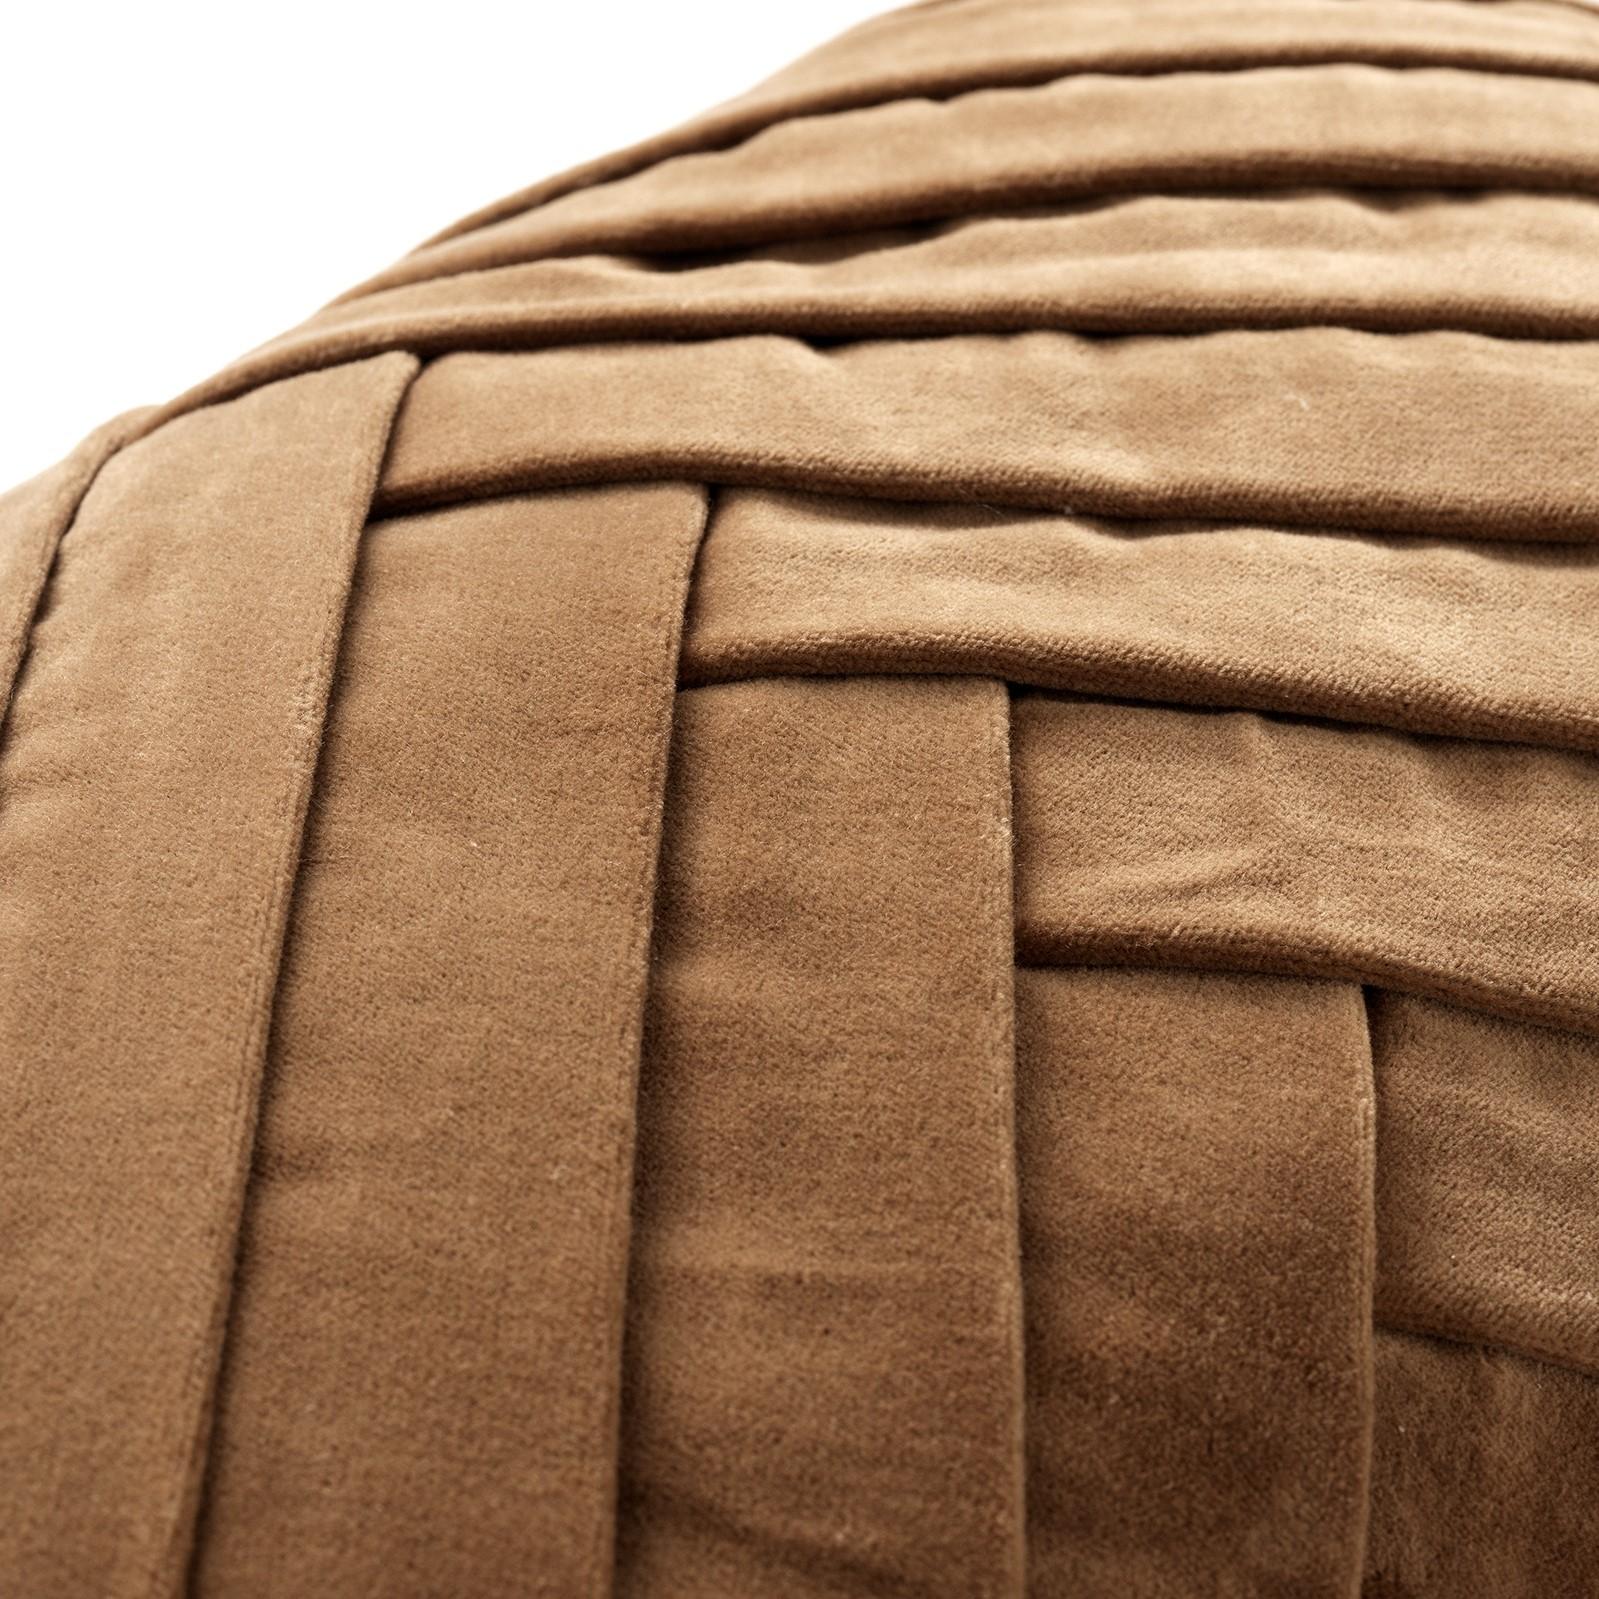 FEMM - Sierkussen velvet Tobacco Brown 30x50 cm